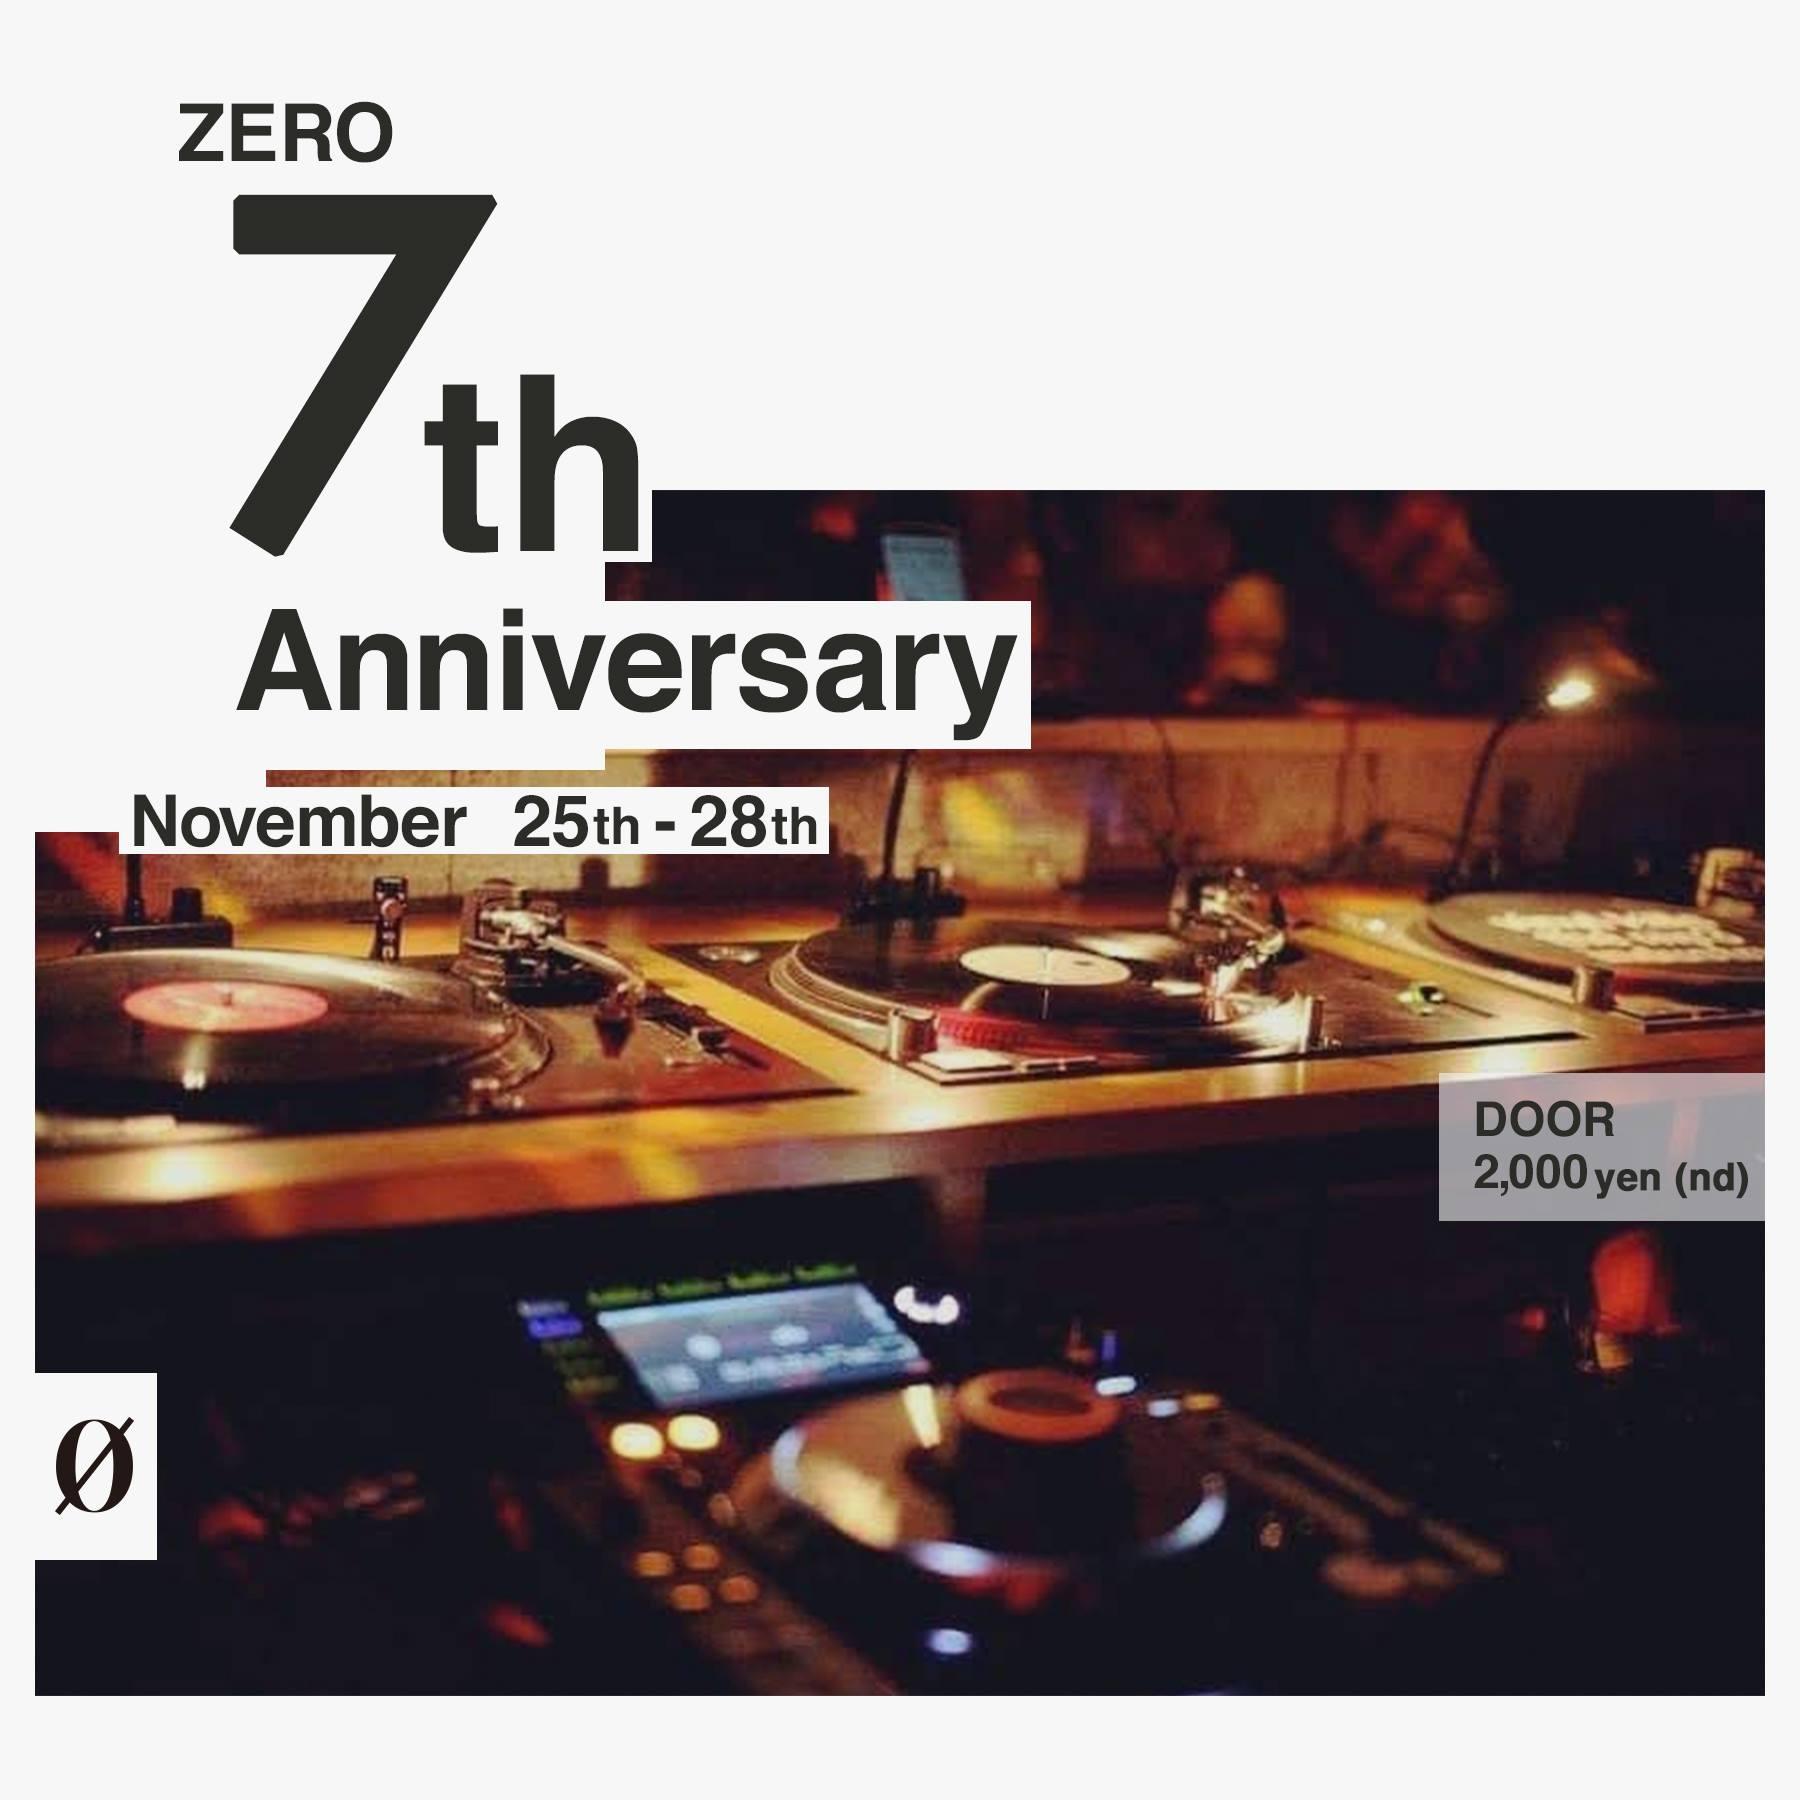 11月25日(水)〜11月28日(土)の4日間『ZERO 7th Anniversary Party』を開催させて頂きます。